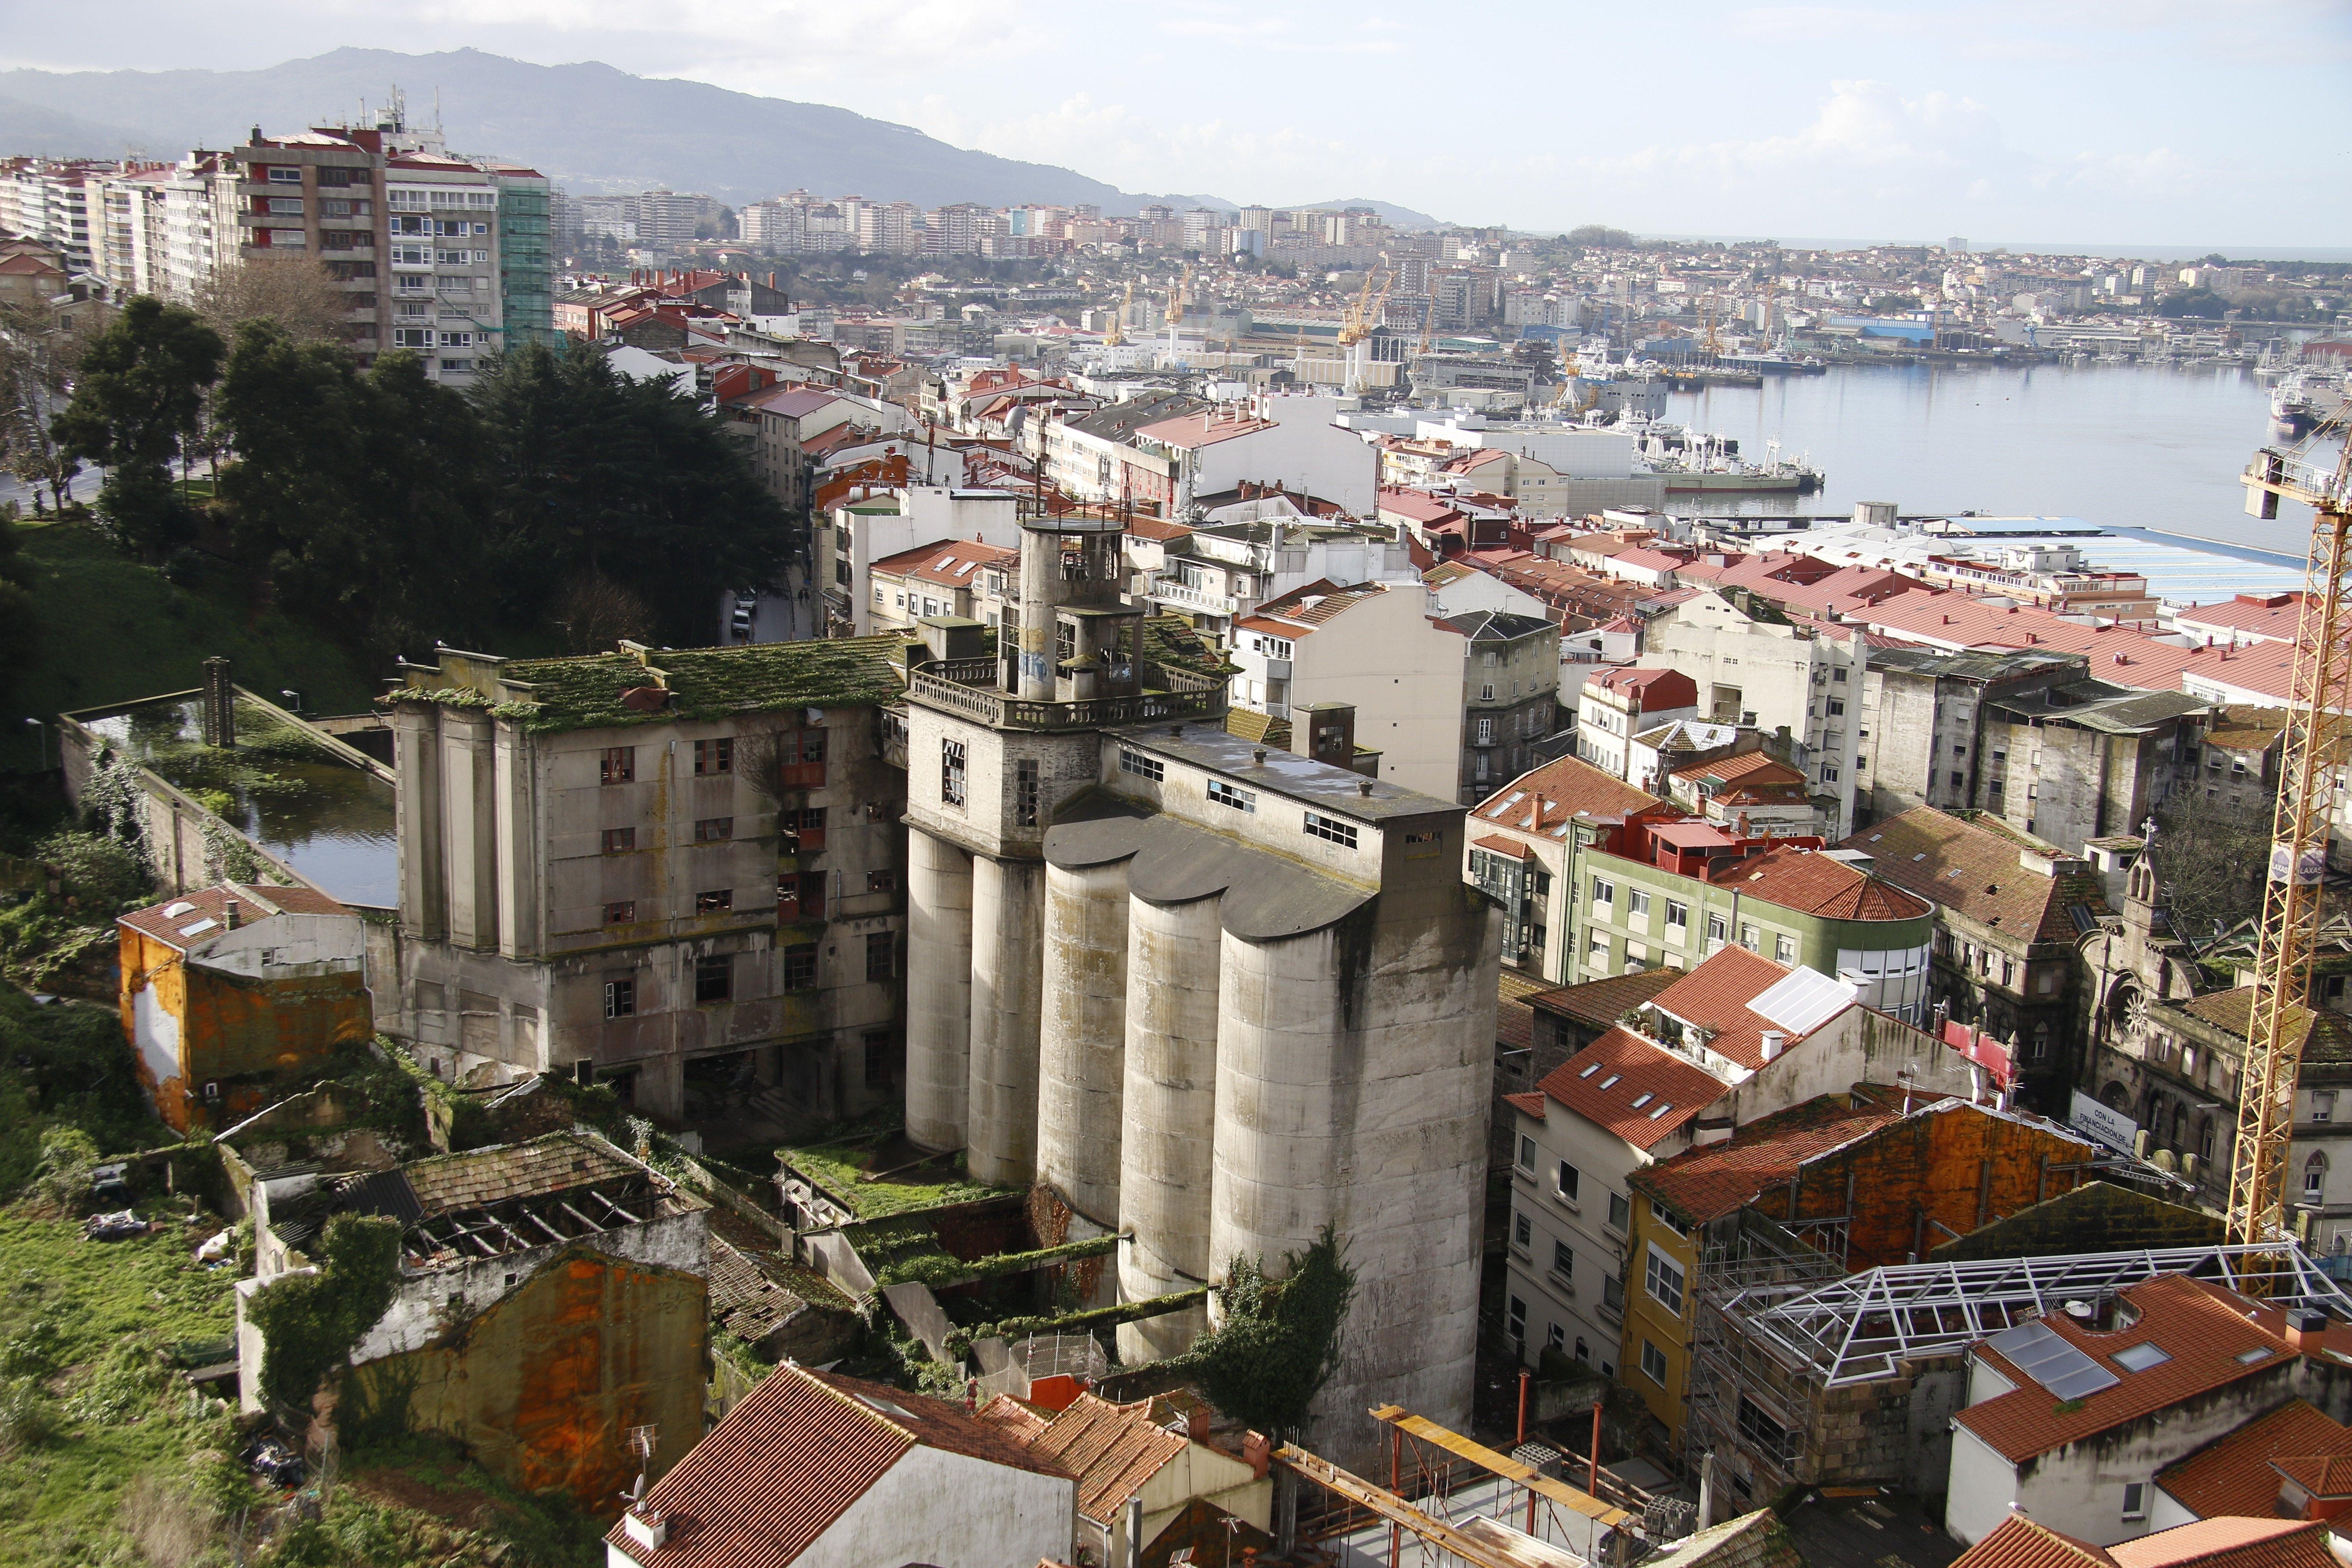 Vigo reduce las viviendas vac as a mientras en - Viviendas modulares galicia ...